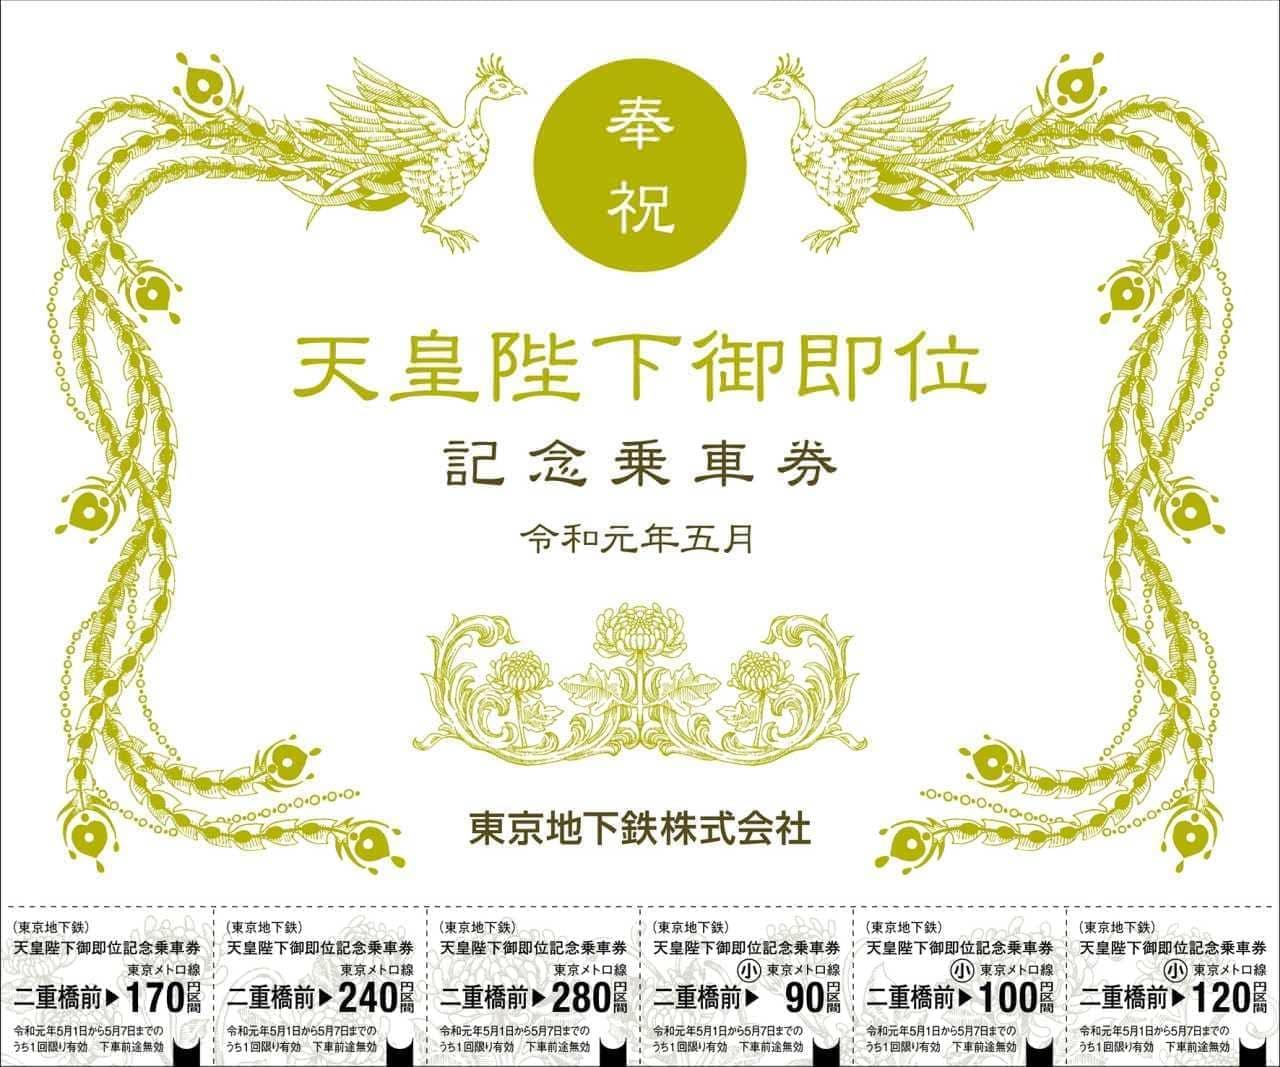 東京メトロが令和元年5月1日に「天皇陛下御即位記念乗車券」を発売